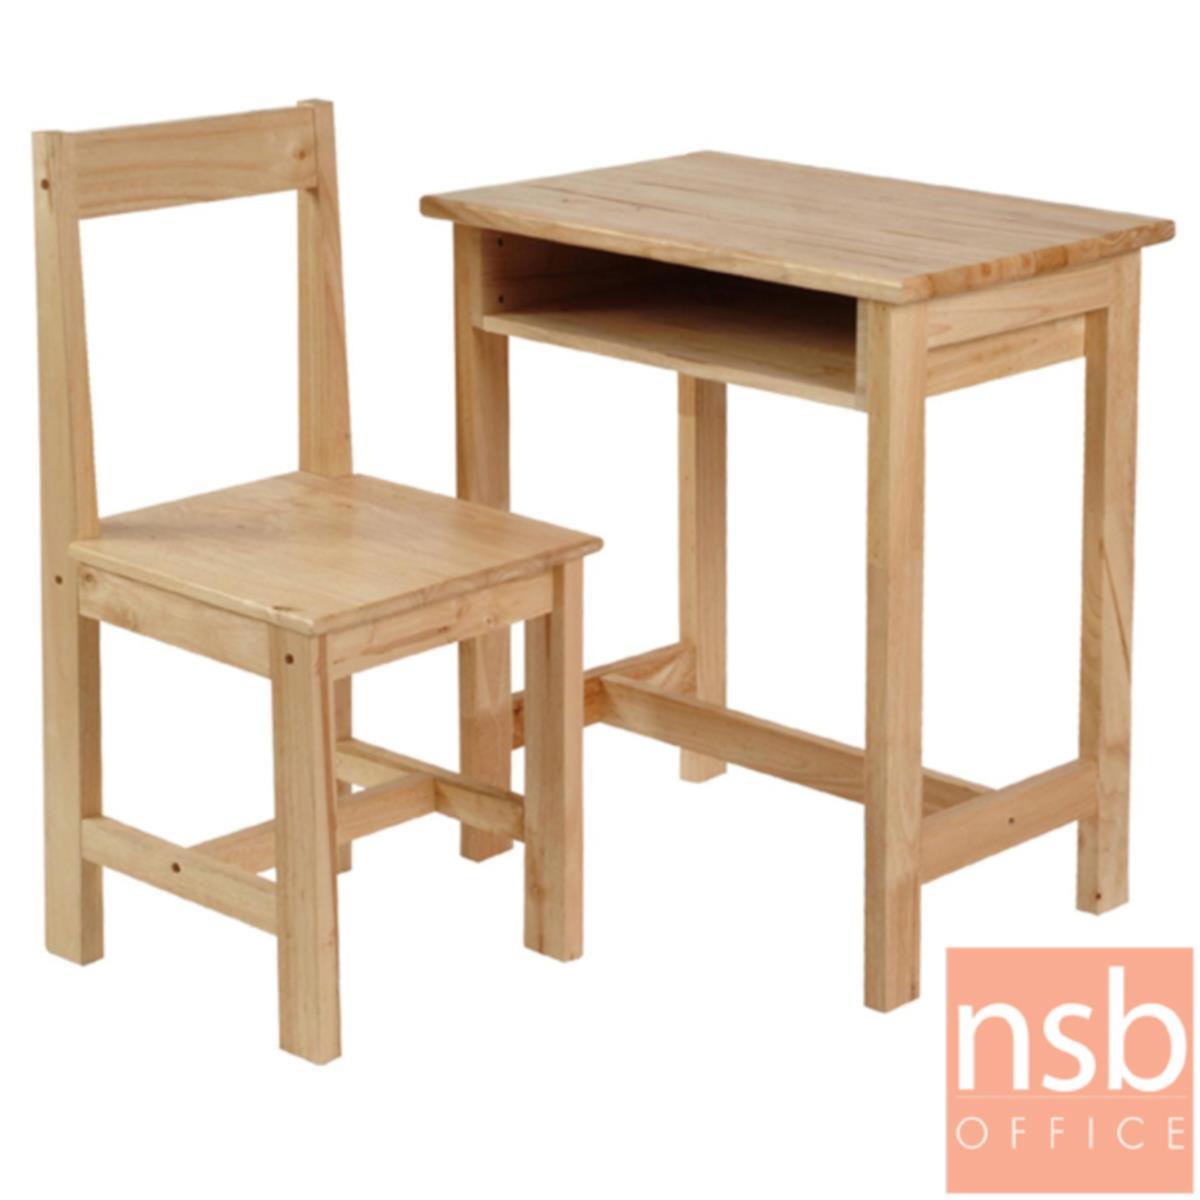 ชุดโต๊ะและเก้าอี้นักเรียนไม้พาราล้วน รุ่น LOUISIANA (หลุยเซียนา)  ระดับประถมศึกษา